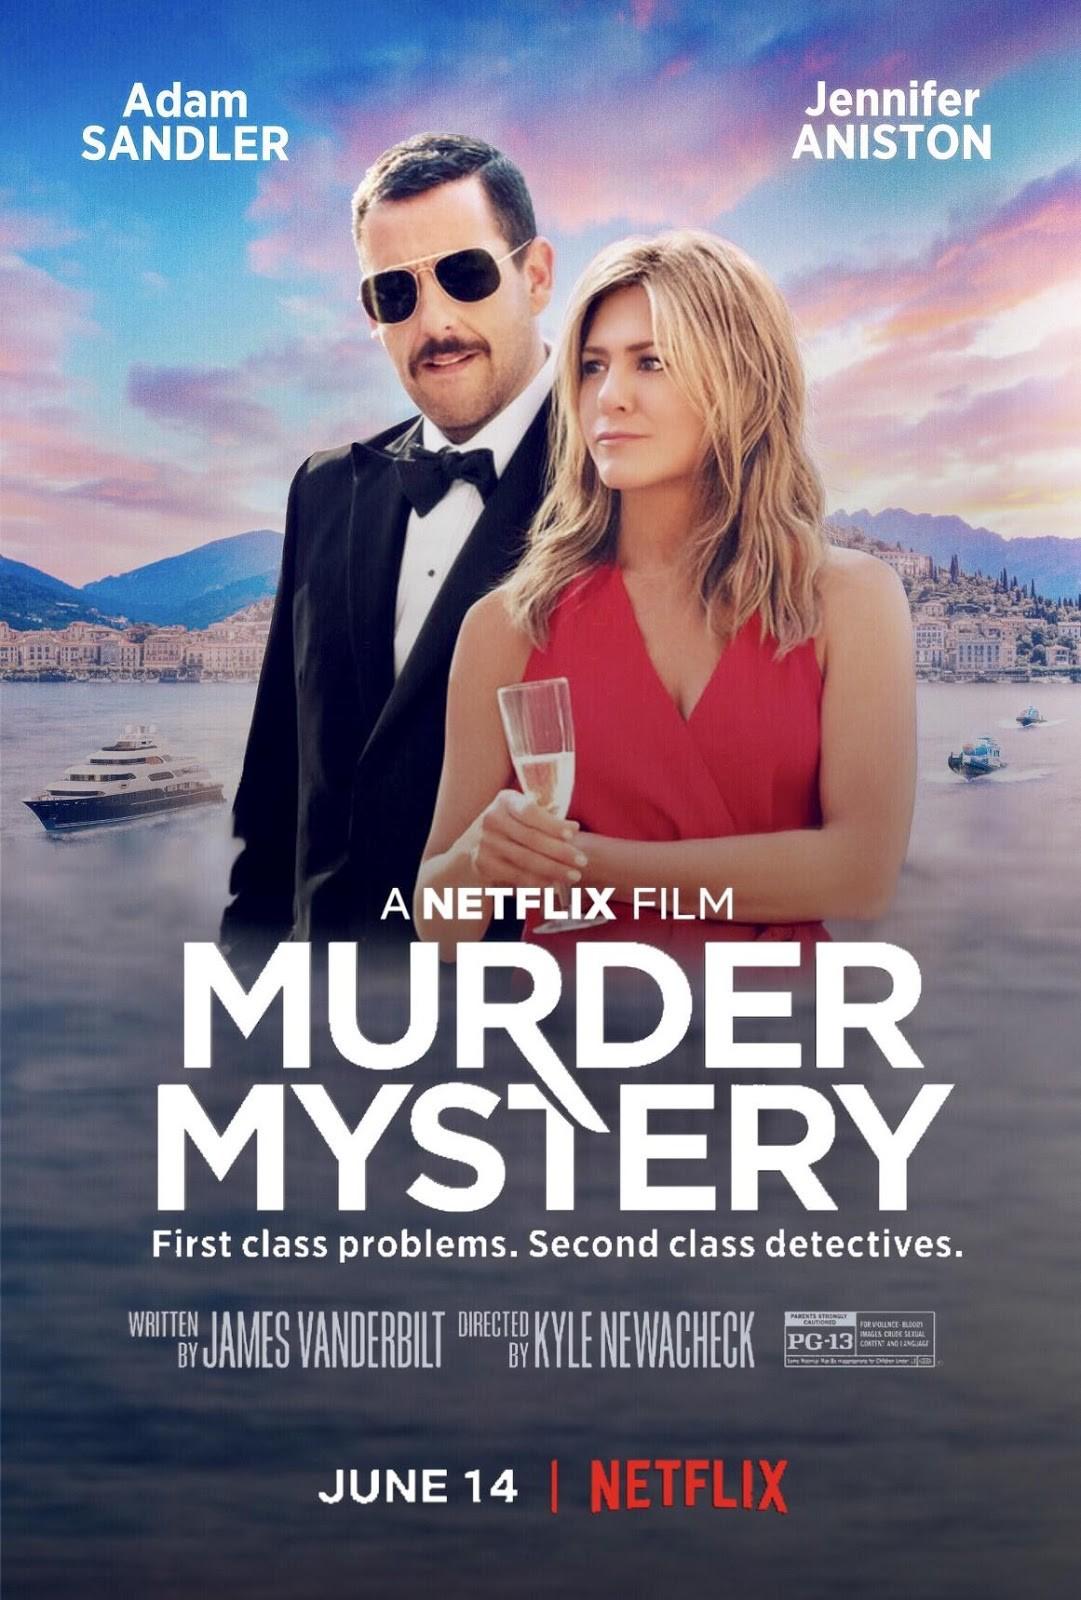 Murder Mystery: Khi bất đắc dĩ trở thành nghi phạm giết người, nghiệp thám tử sẽ khiêu khích máu liều của bạn! - Ảnh 1.